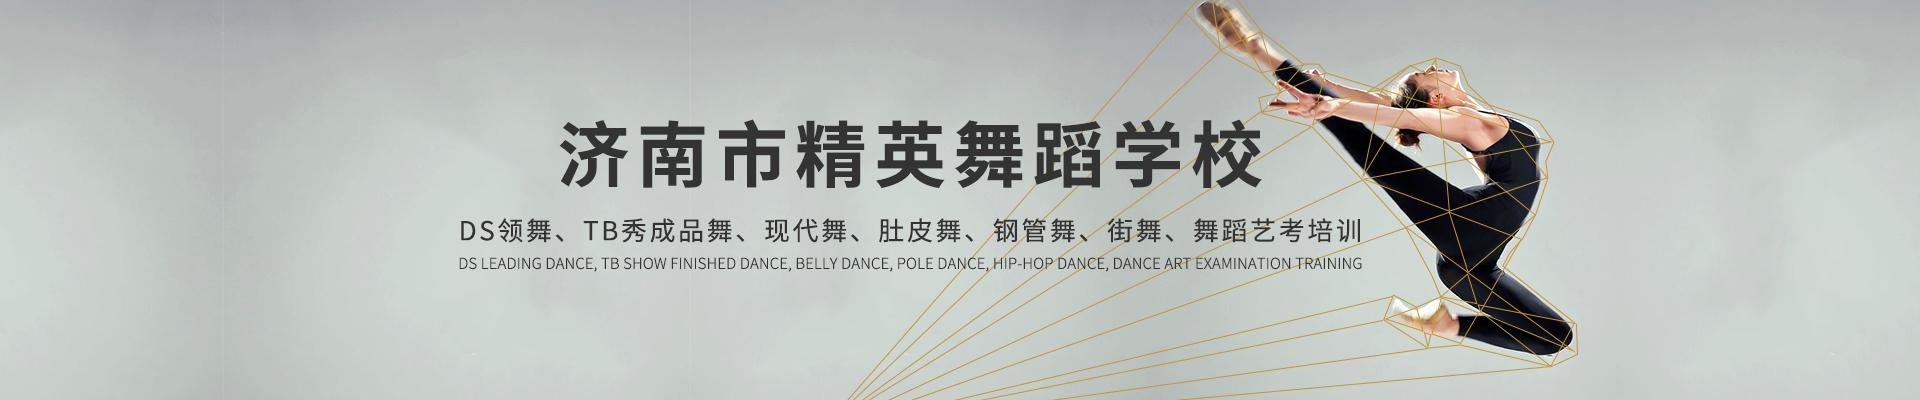 济南舞蹈培训学校